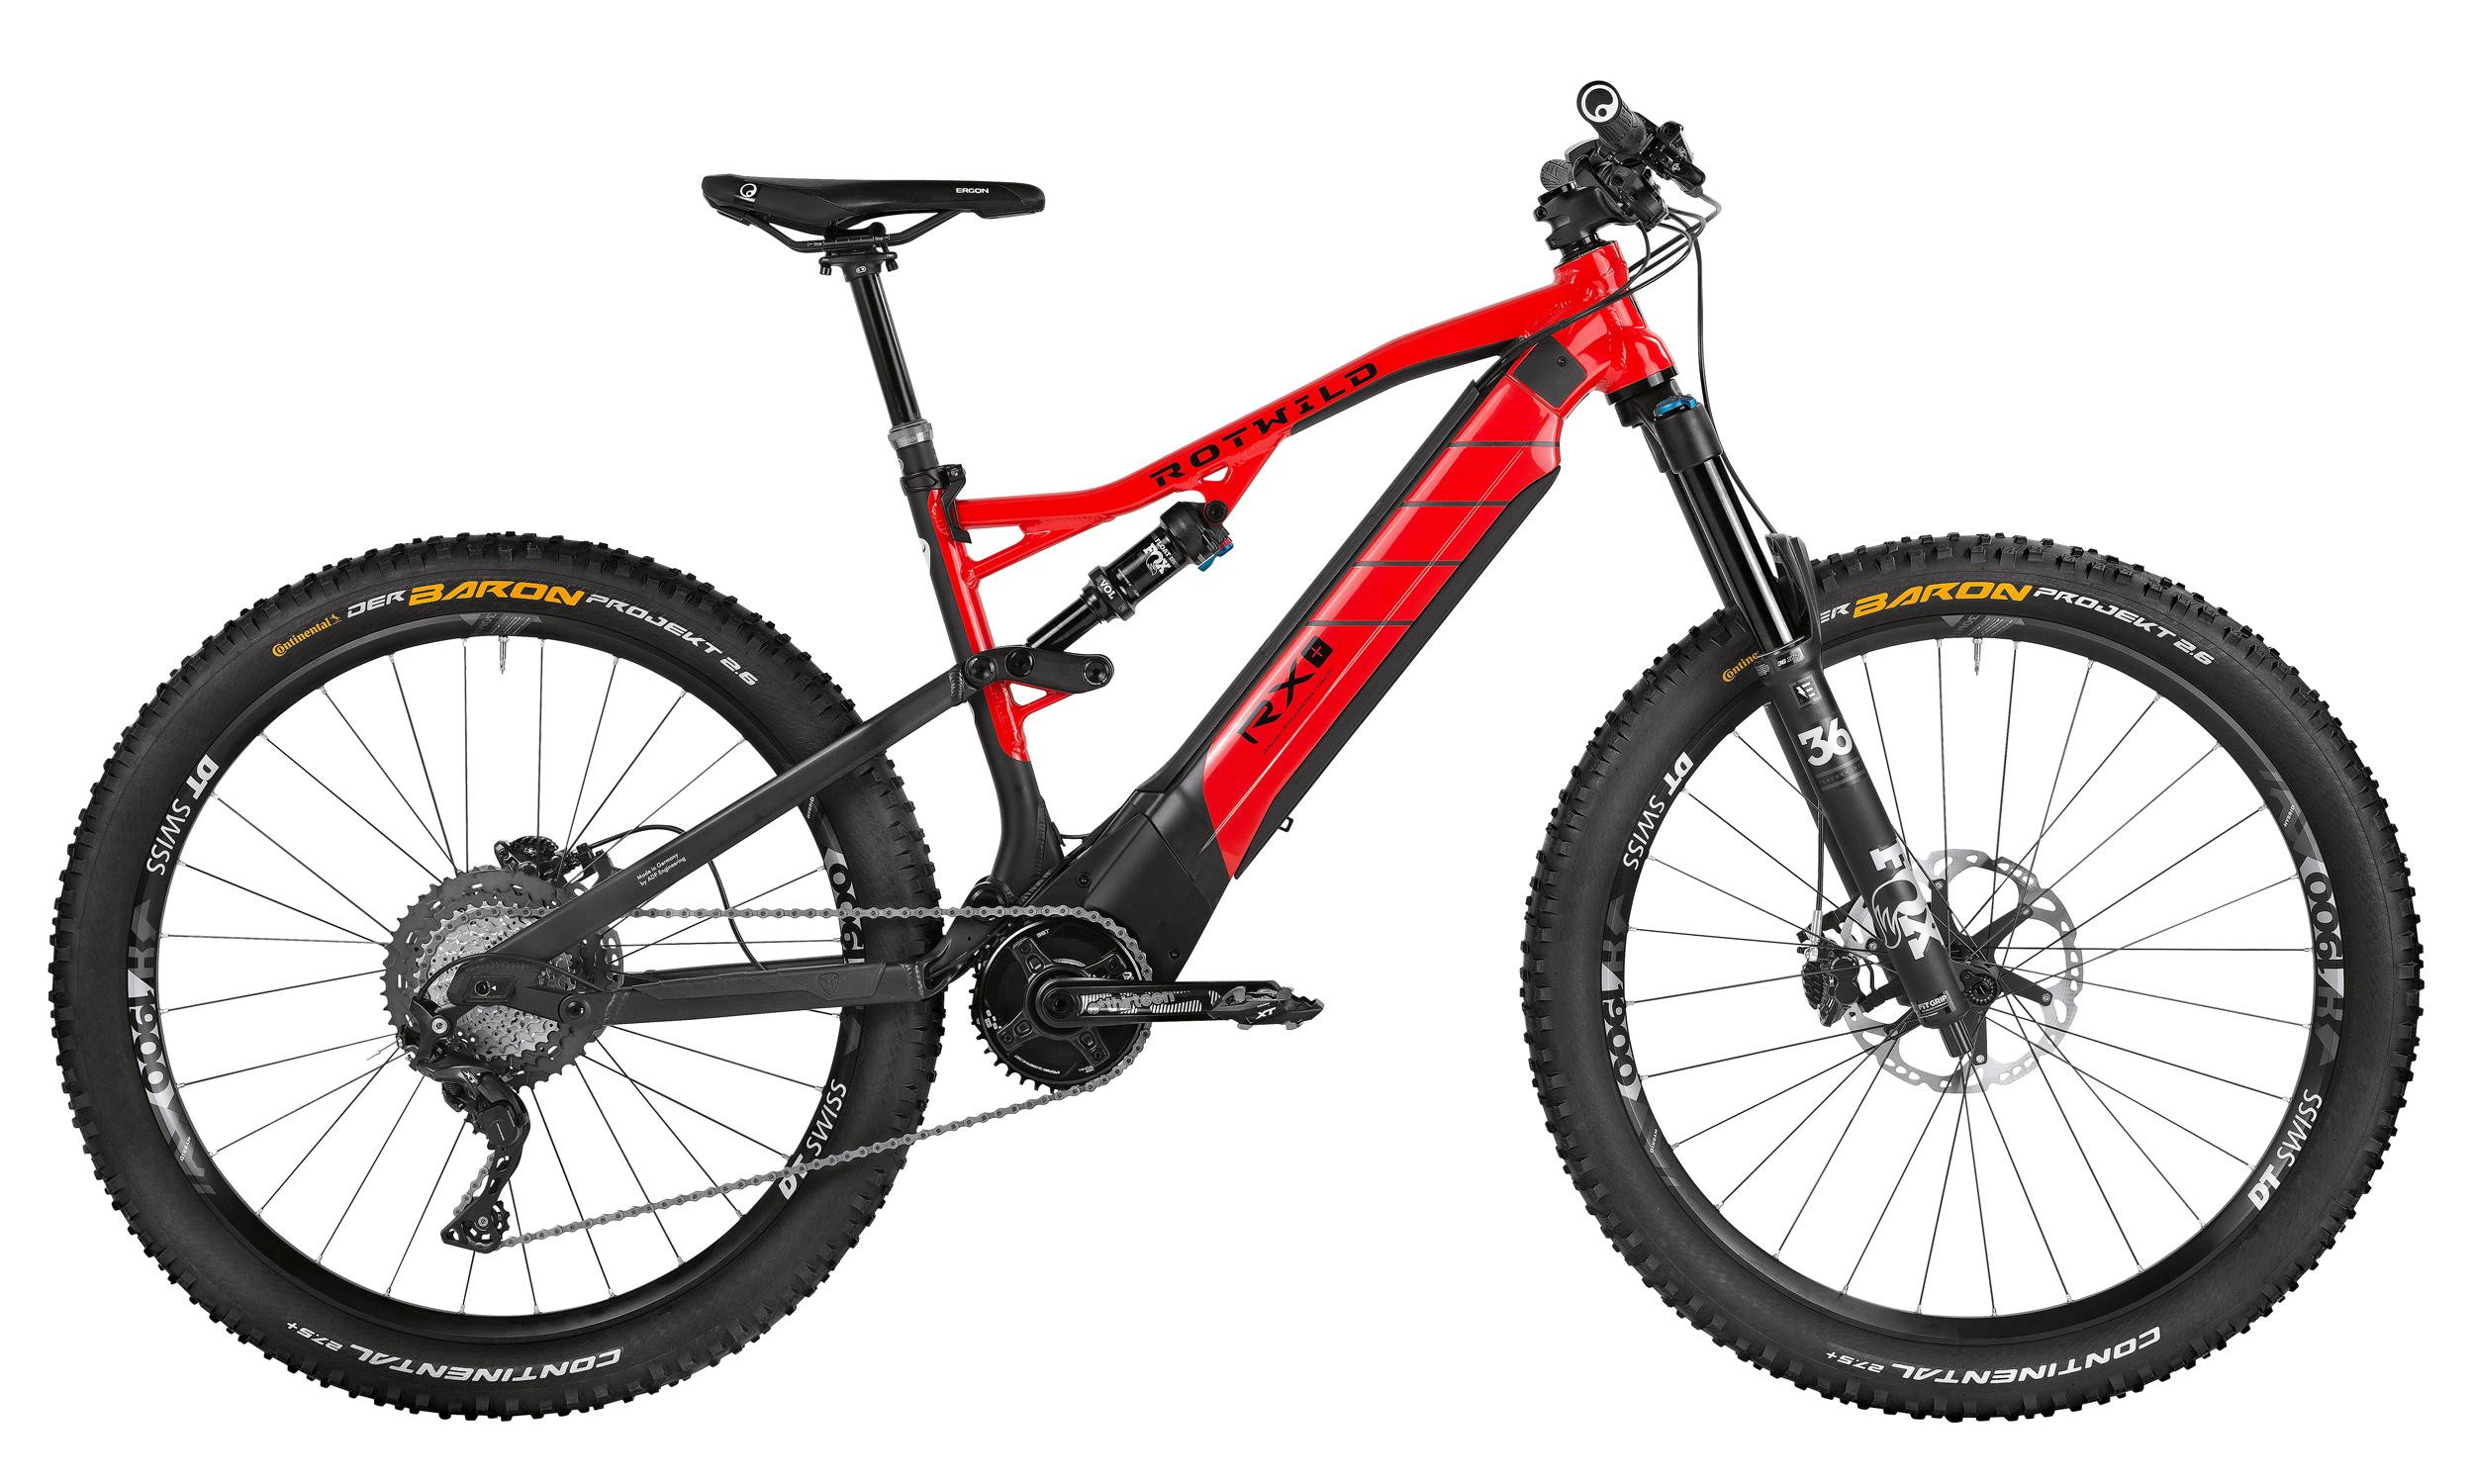 2019 Rotwild R.X+ Trail Pro